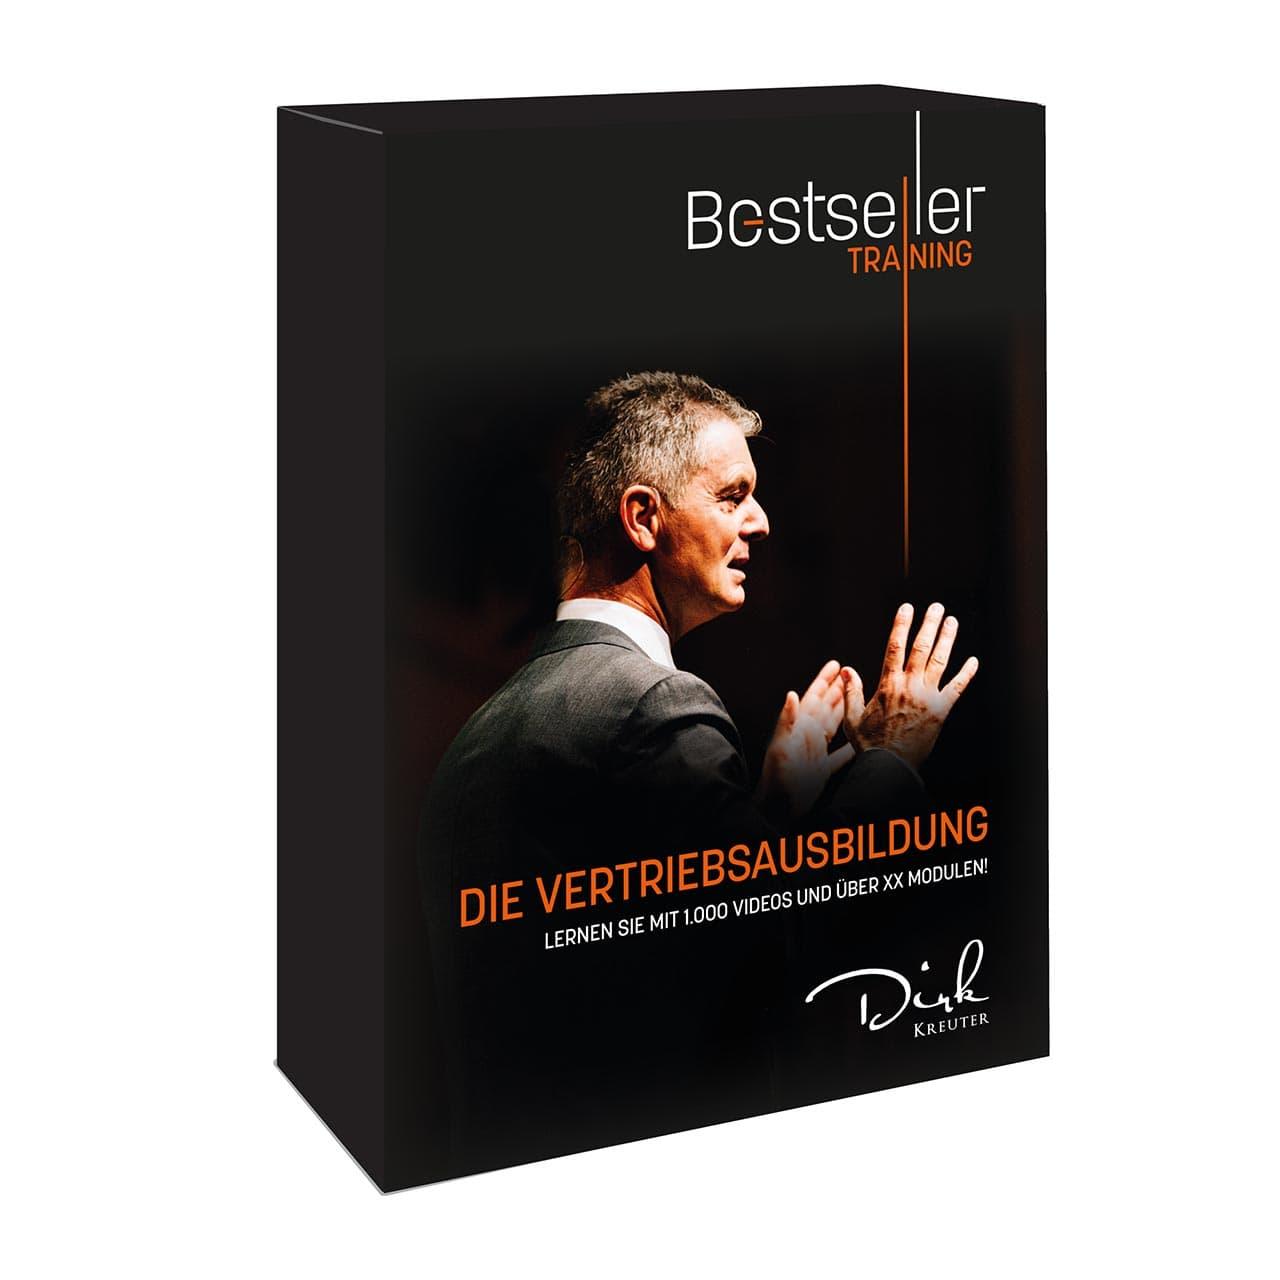 Bestseller Training von Dirk Kreuter (mit Bewertung & Erfahrungen)